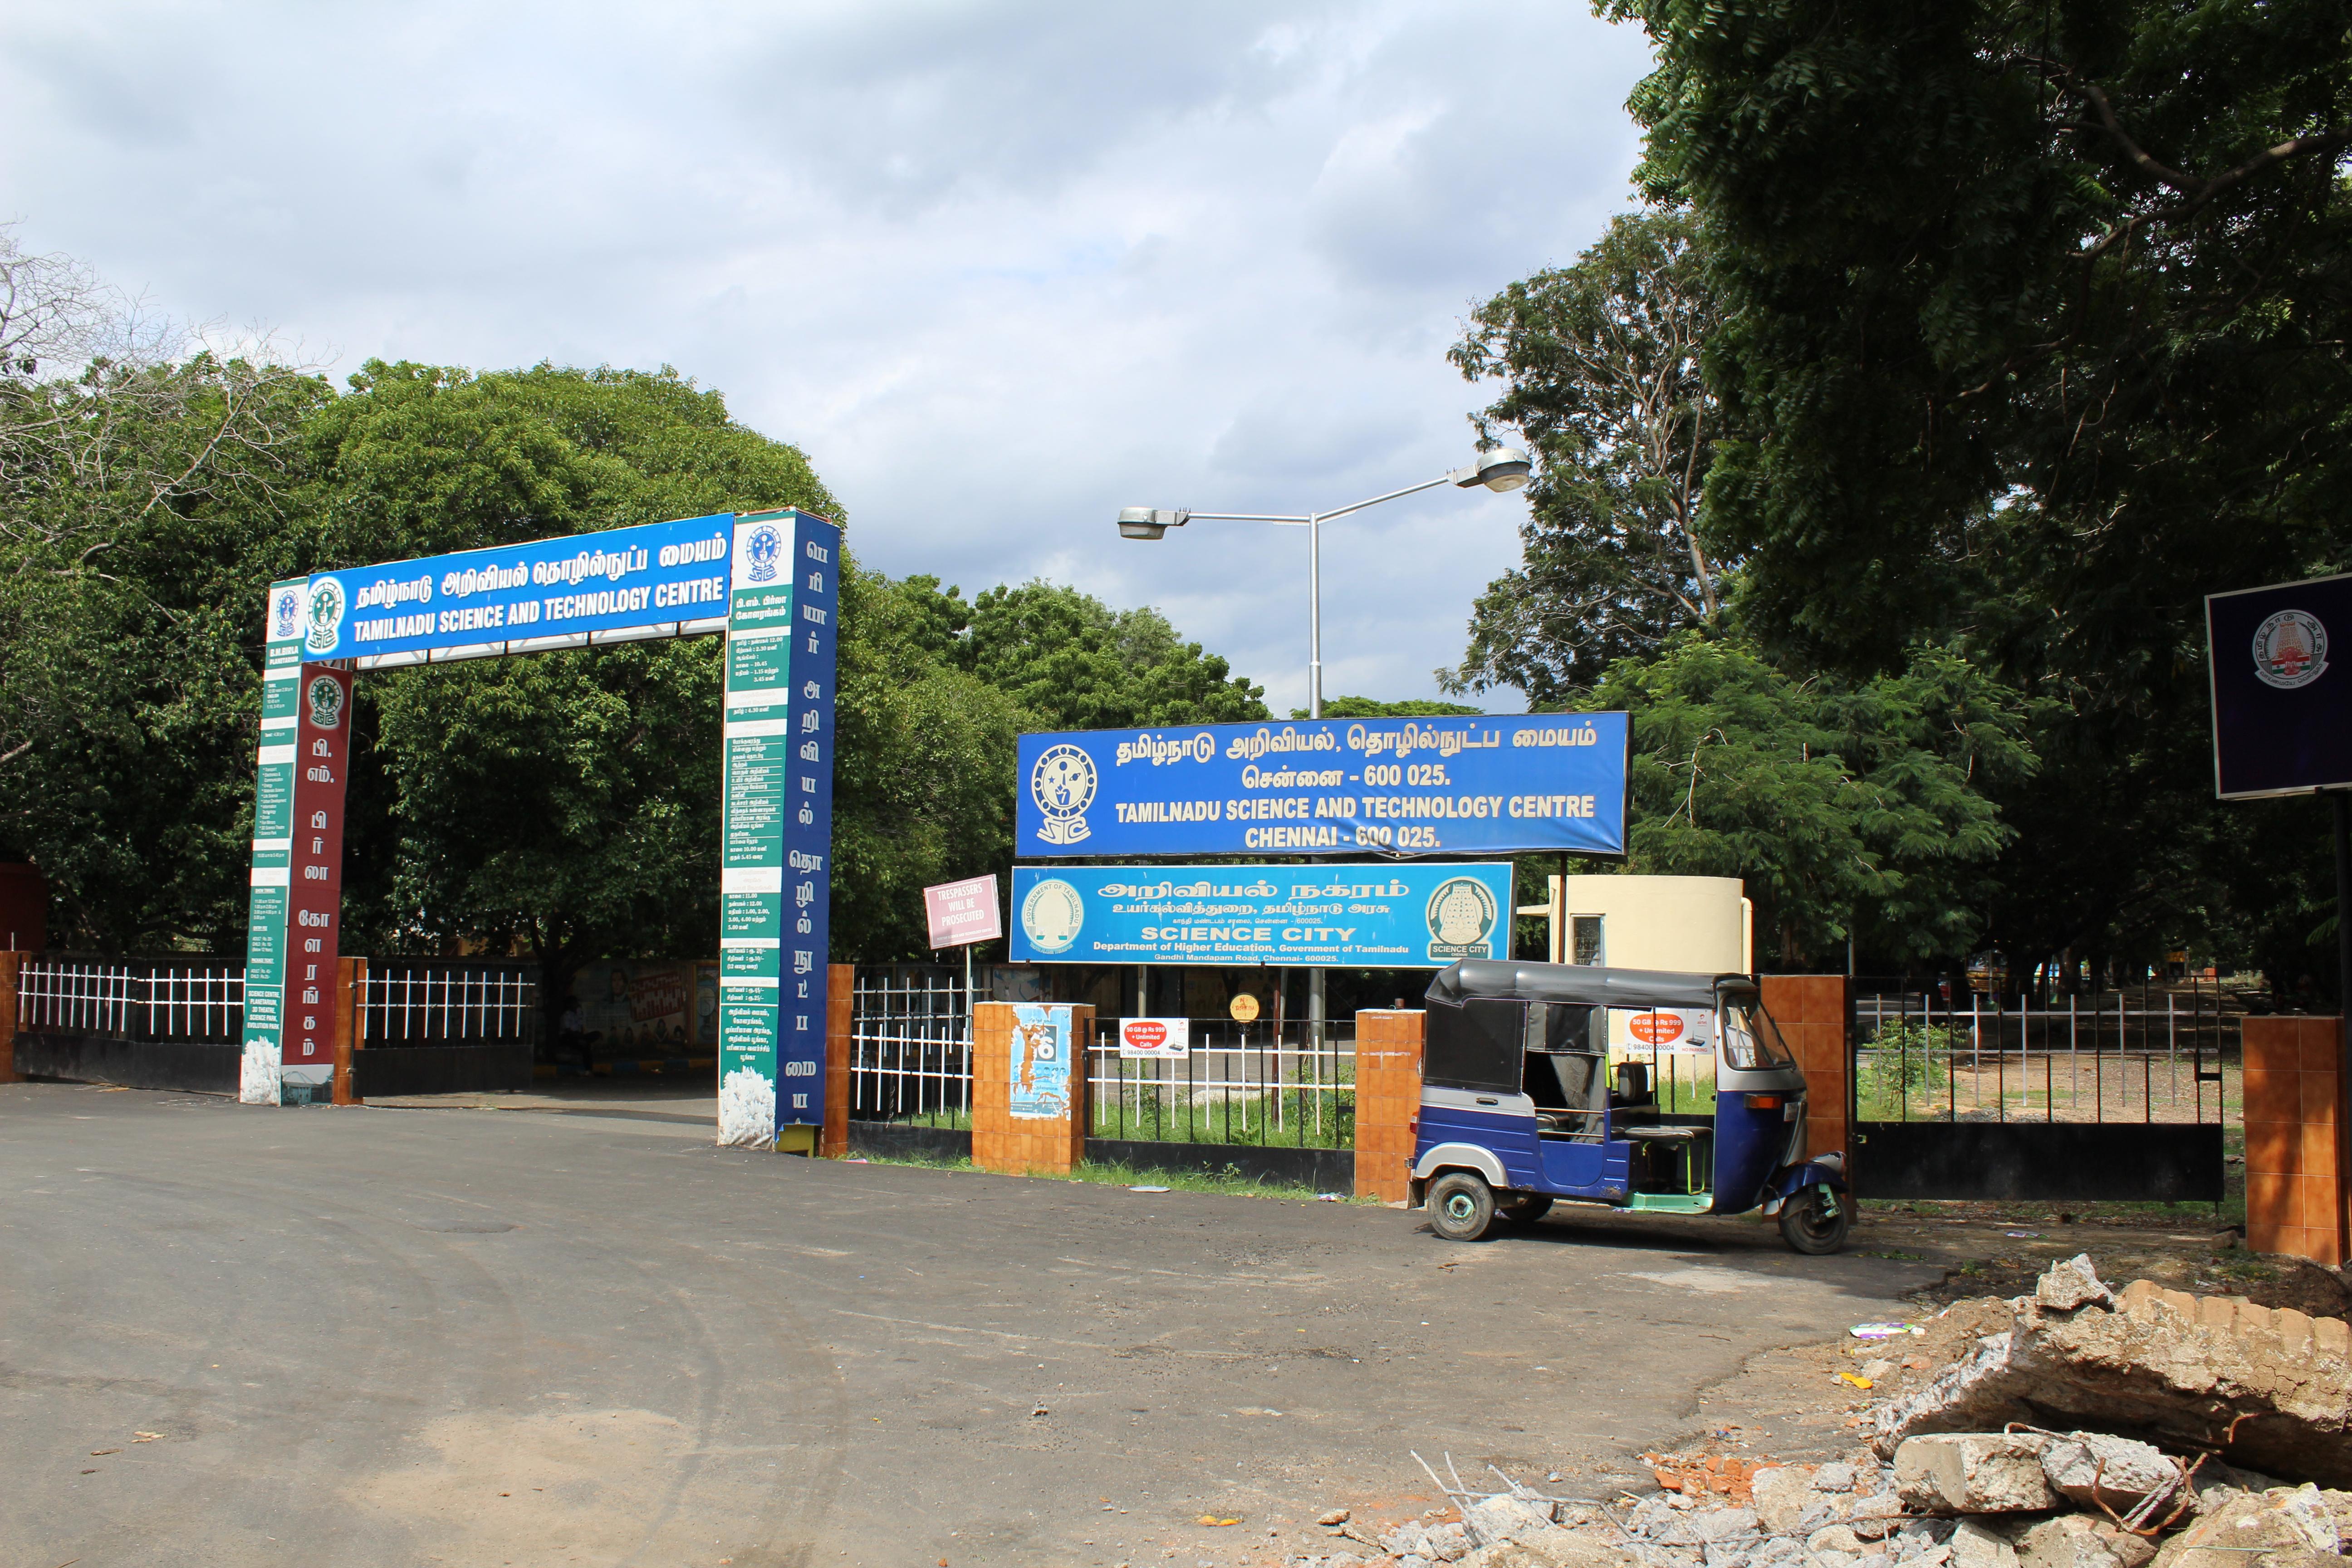 Birla Planetarium, Chennai - Wikipedia